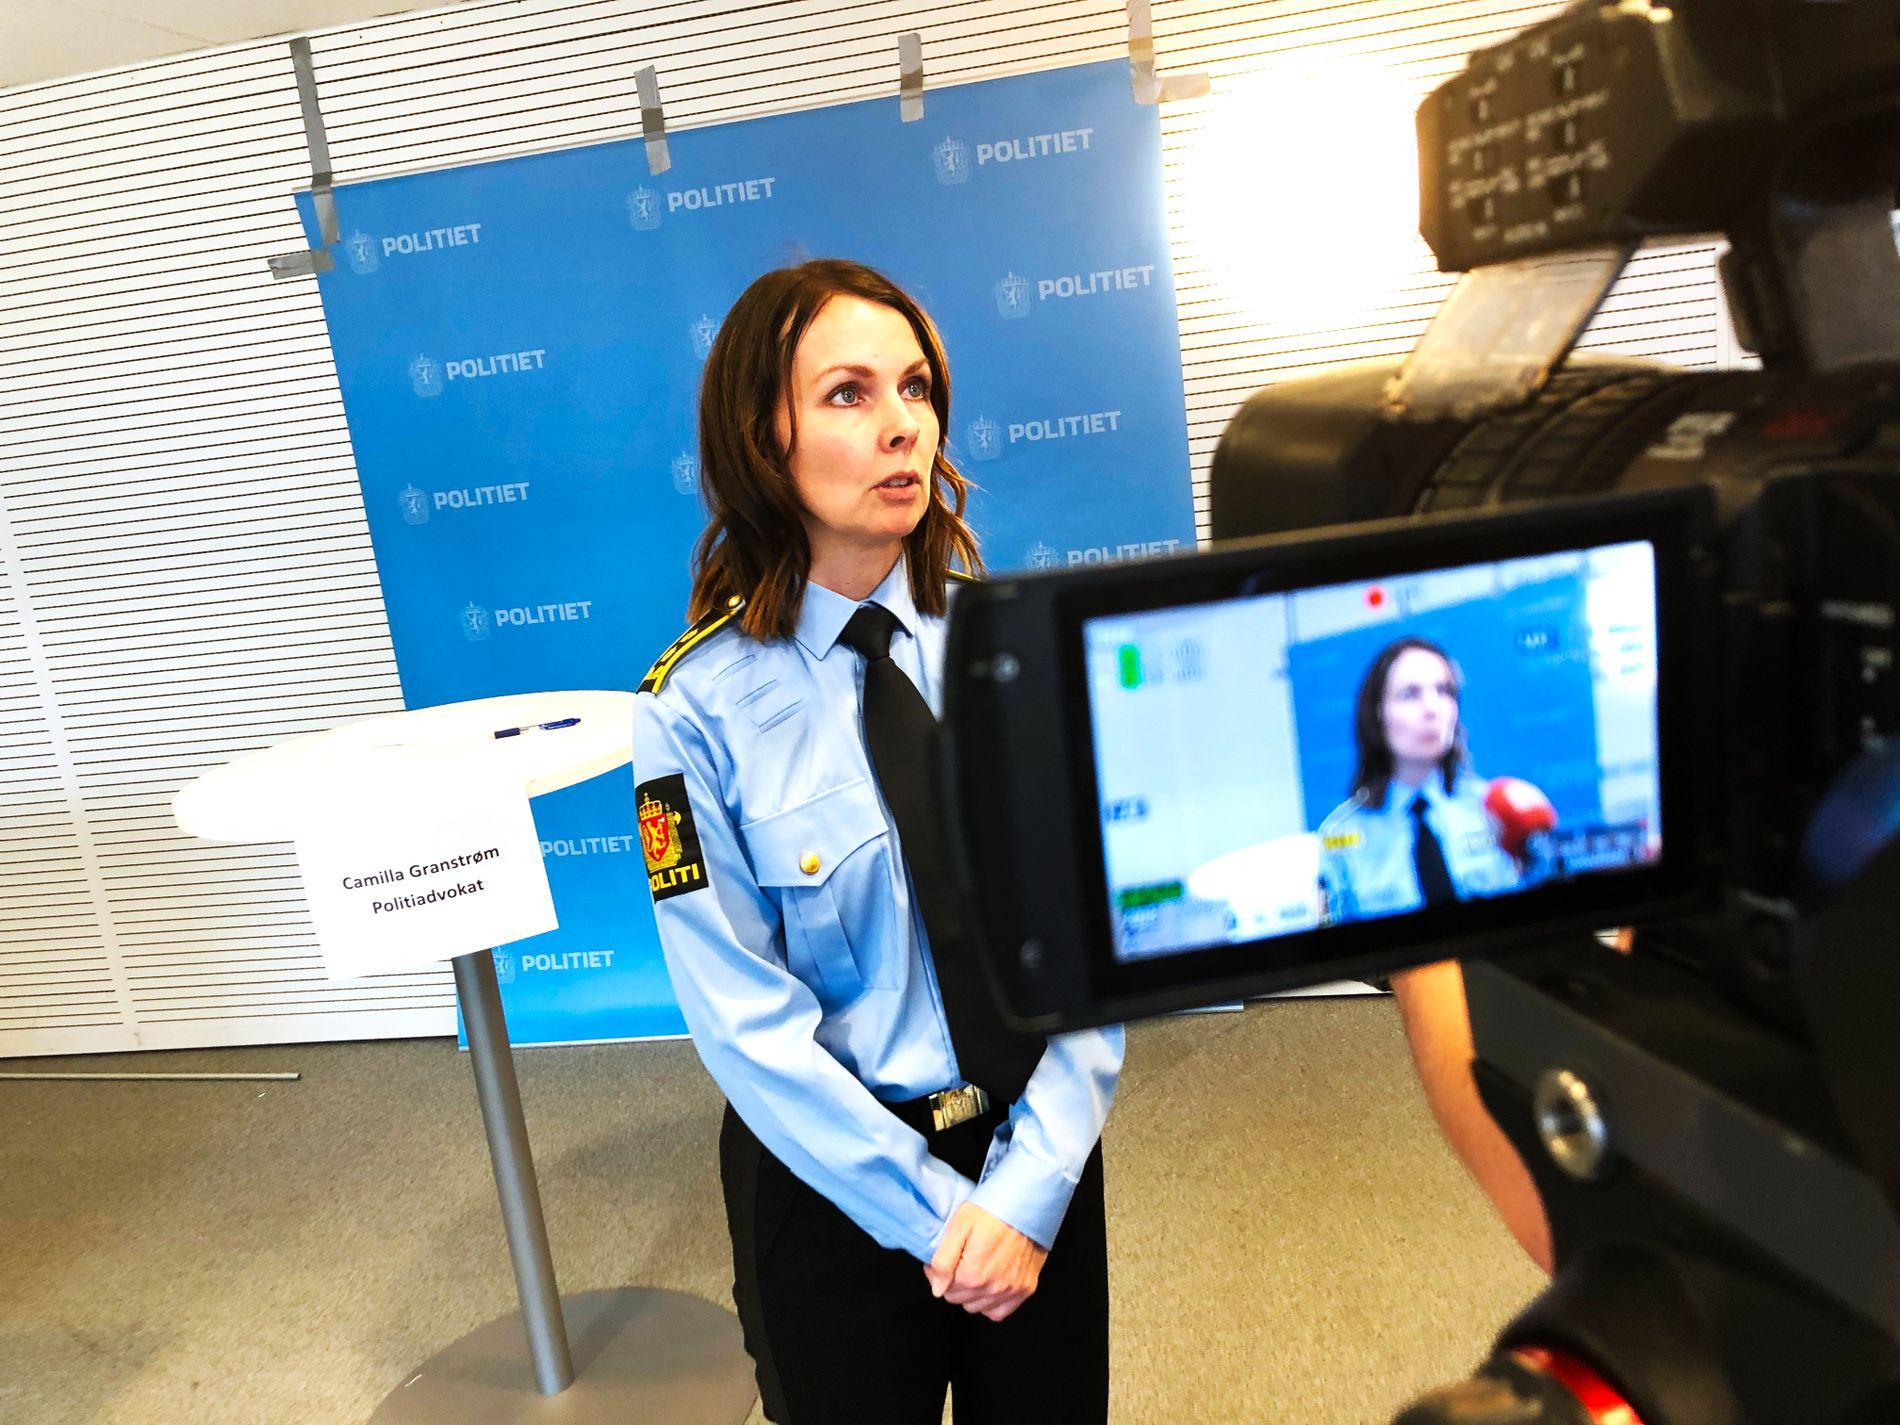 KOM TIL RETTE: Politiet har fått bekreftet at beholderen som ble funnet er identisk med den beholderen med 25 gram kaliumcyanid som ble stjålet sammen med varebilen fra Lørenskog stasjon onsdag 20. februar, sier politiadvokat Camilla Granstrøm.